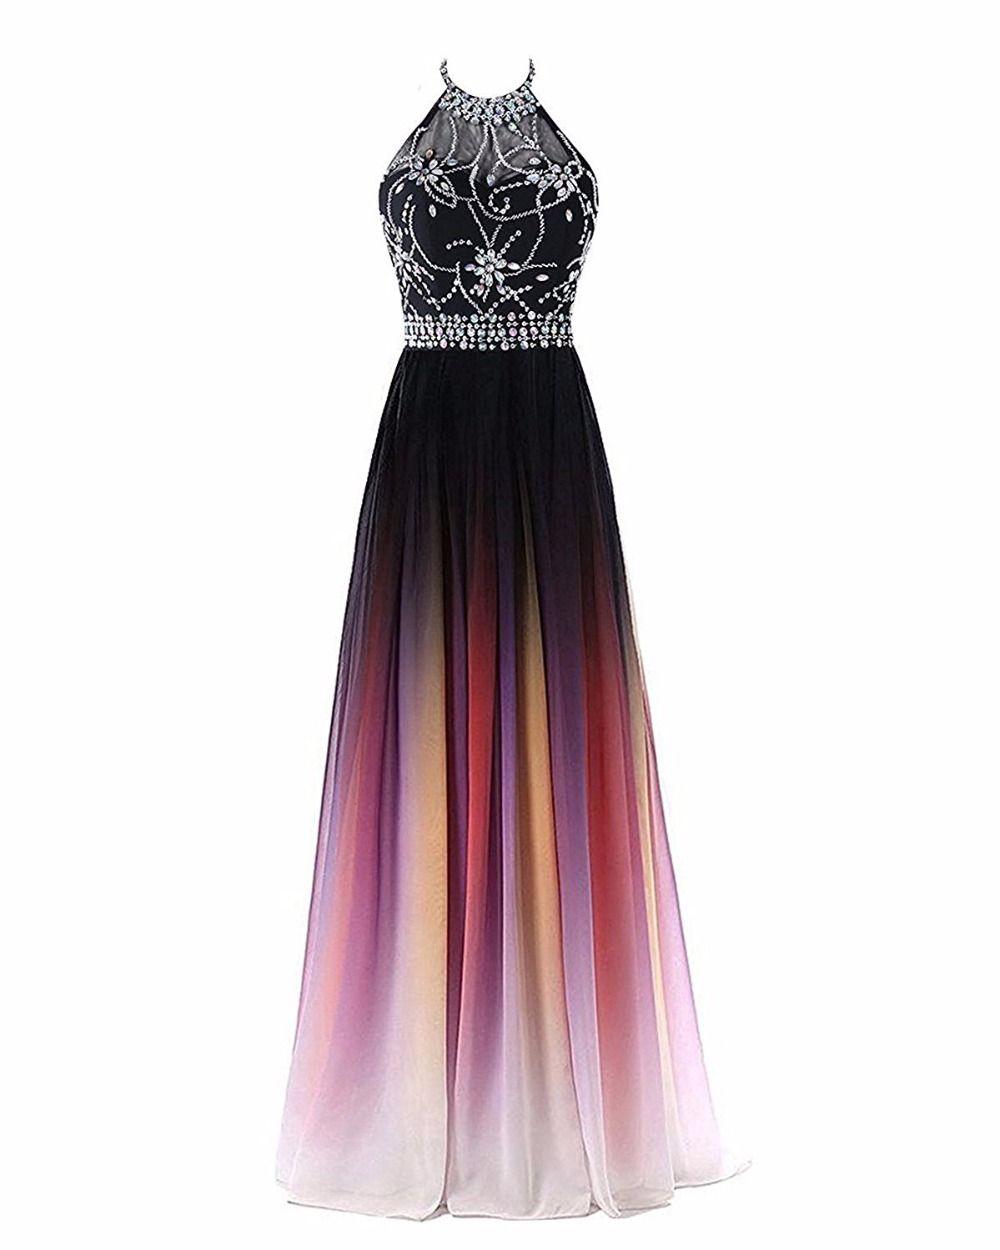 2019 Halter Sexy Pescoço A-line Gradiente Vestidos de Baile Frisado Sheer Neck Lace Up Pluning Voltar Projeto Mulheres Evening Dress cintura frisado Sash